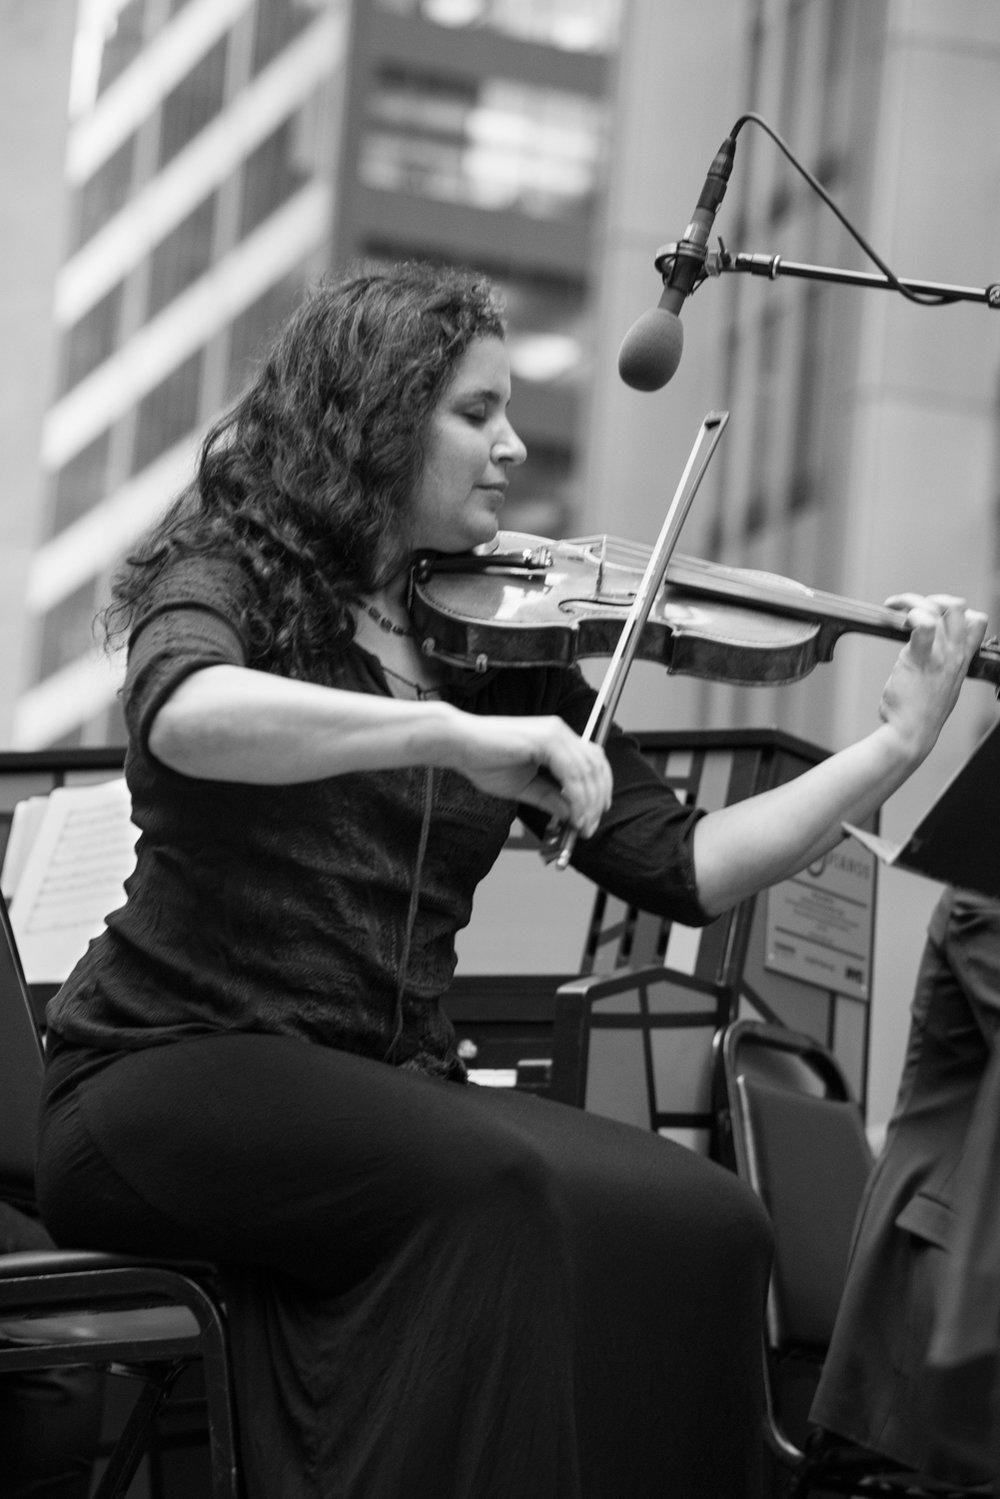 Dena ElSaffar, 2017